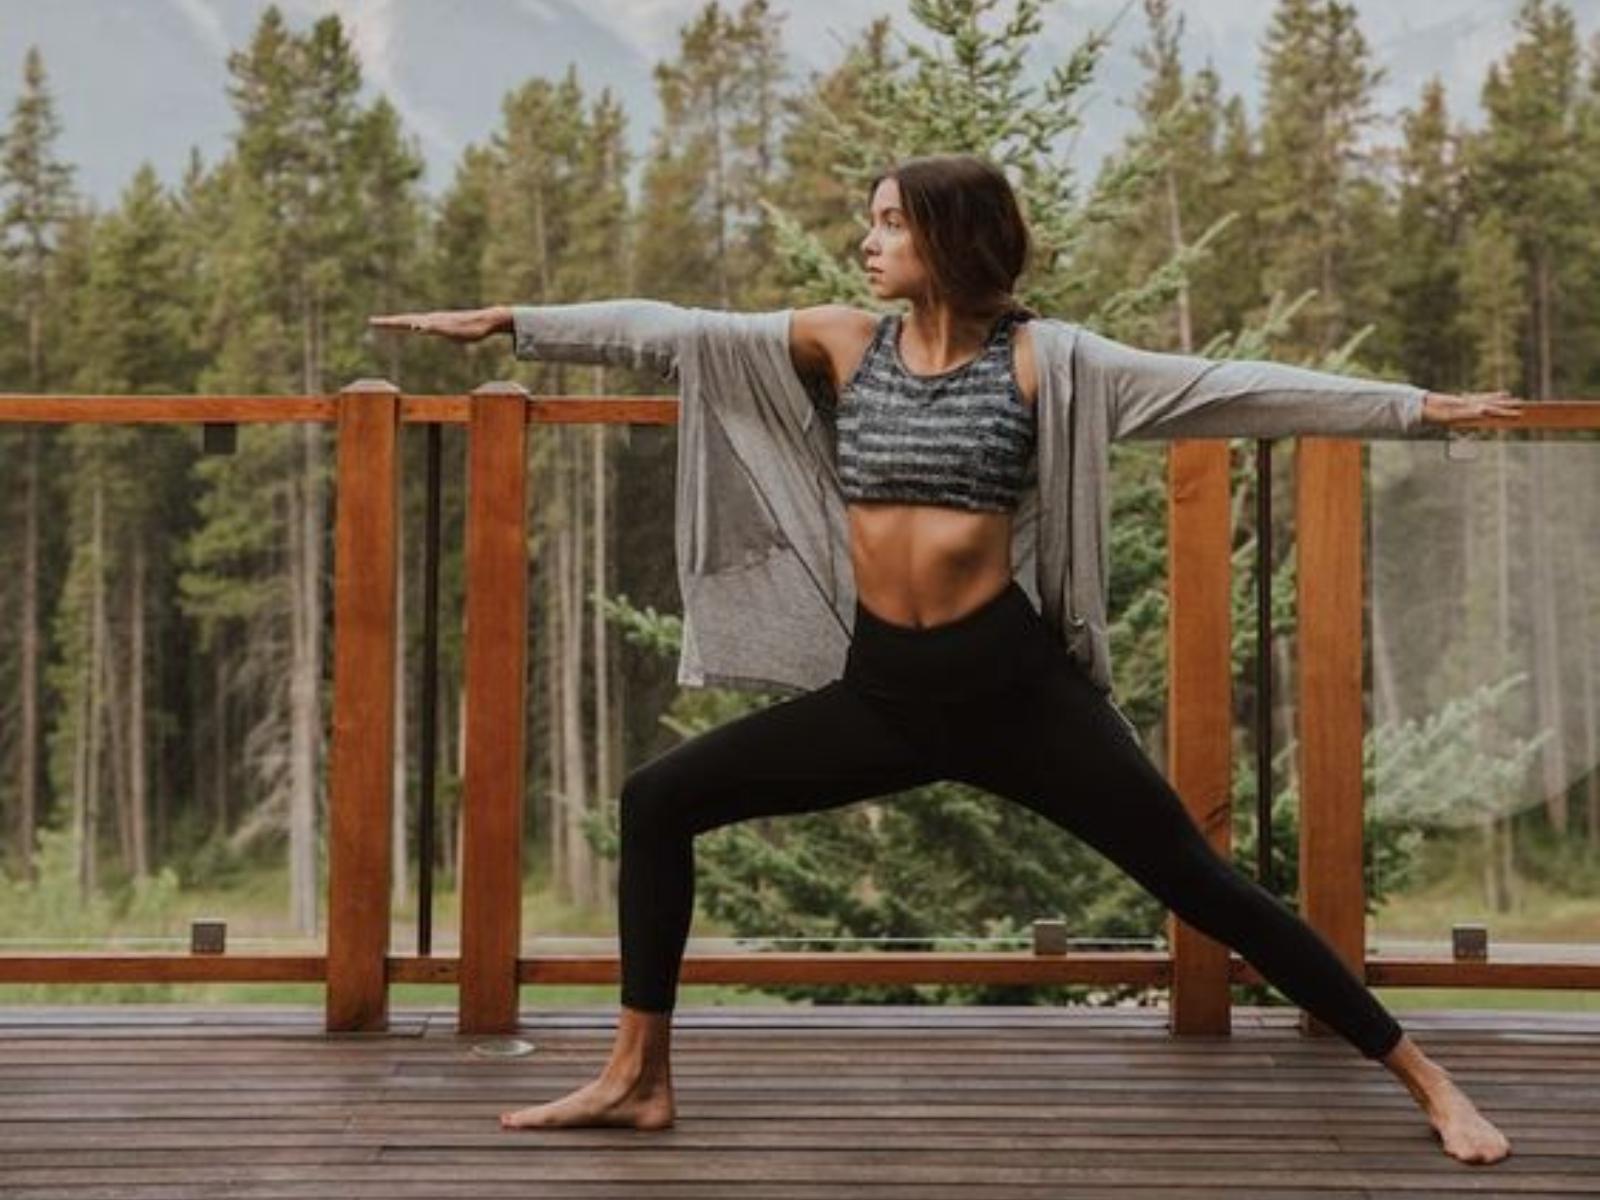 原來「呼吸」需要練習?正確的方式讓你運動事半功倍!